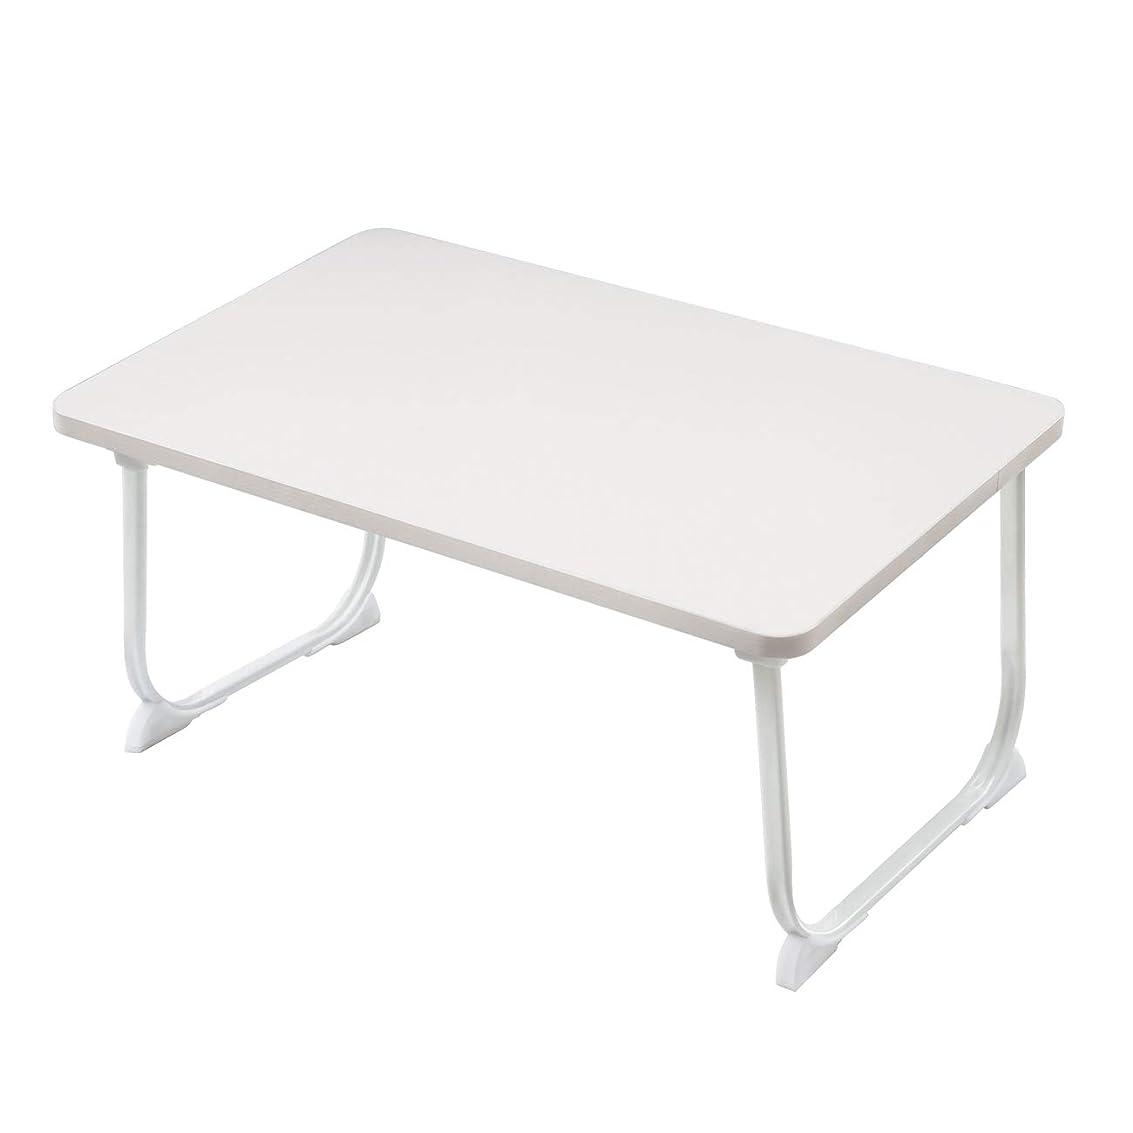 いとこ軽減するグレー折れ脚 ローテーブル 折りたたみテーブル 折り畳みテーブル 座卓 トレーテーブル PCデスク アウトドアテーブル 座卓 ミニテーブル 多機能 コンパクト 軽量 食事 勉強 ピクニック キャンプテーブル (白い, 70cm*50cm)